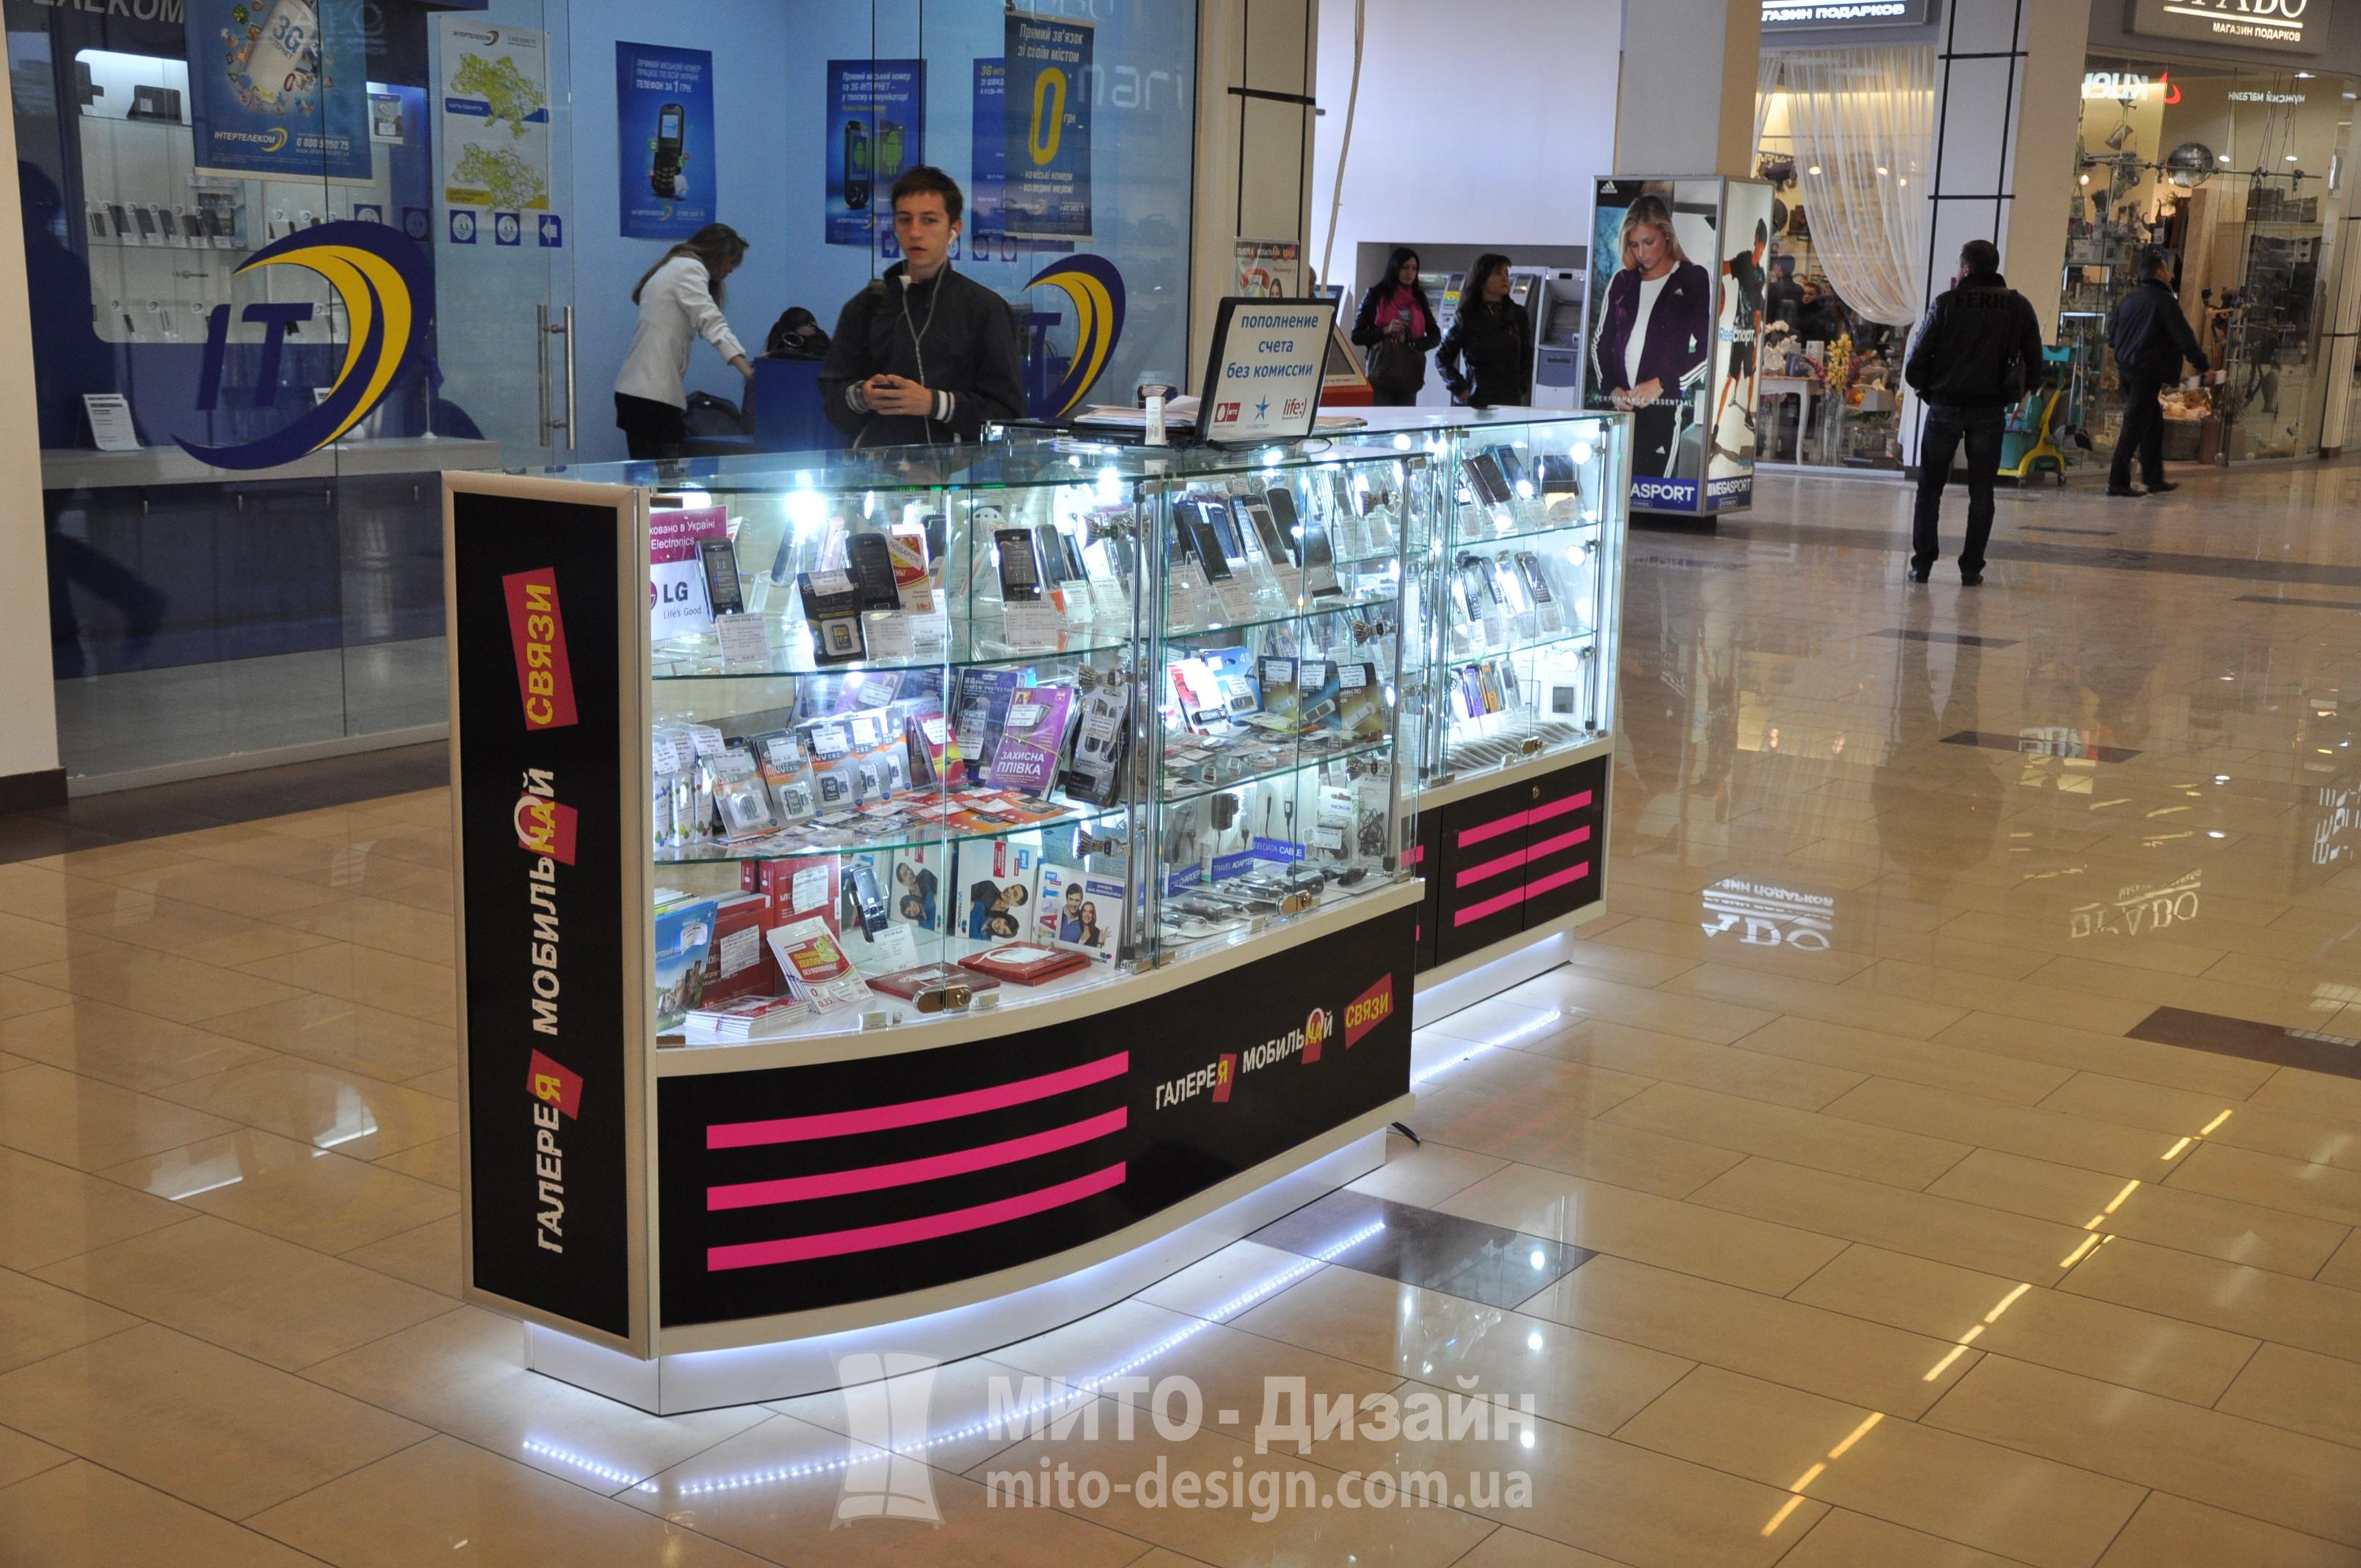 торговый островок галерея мобильной связи